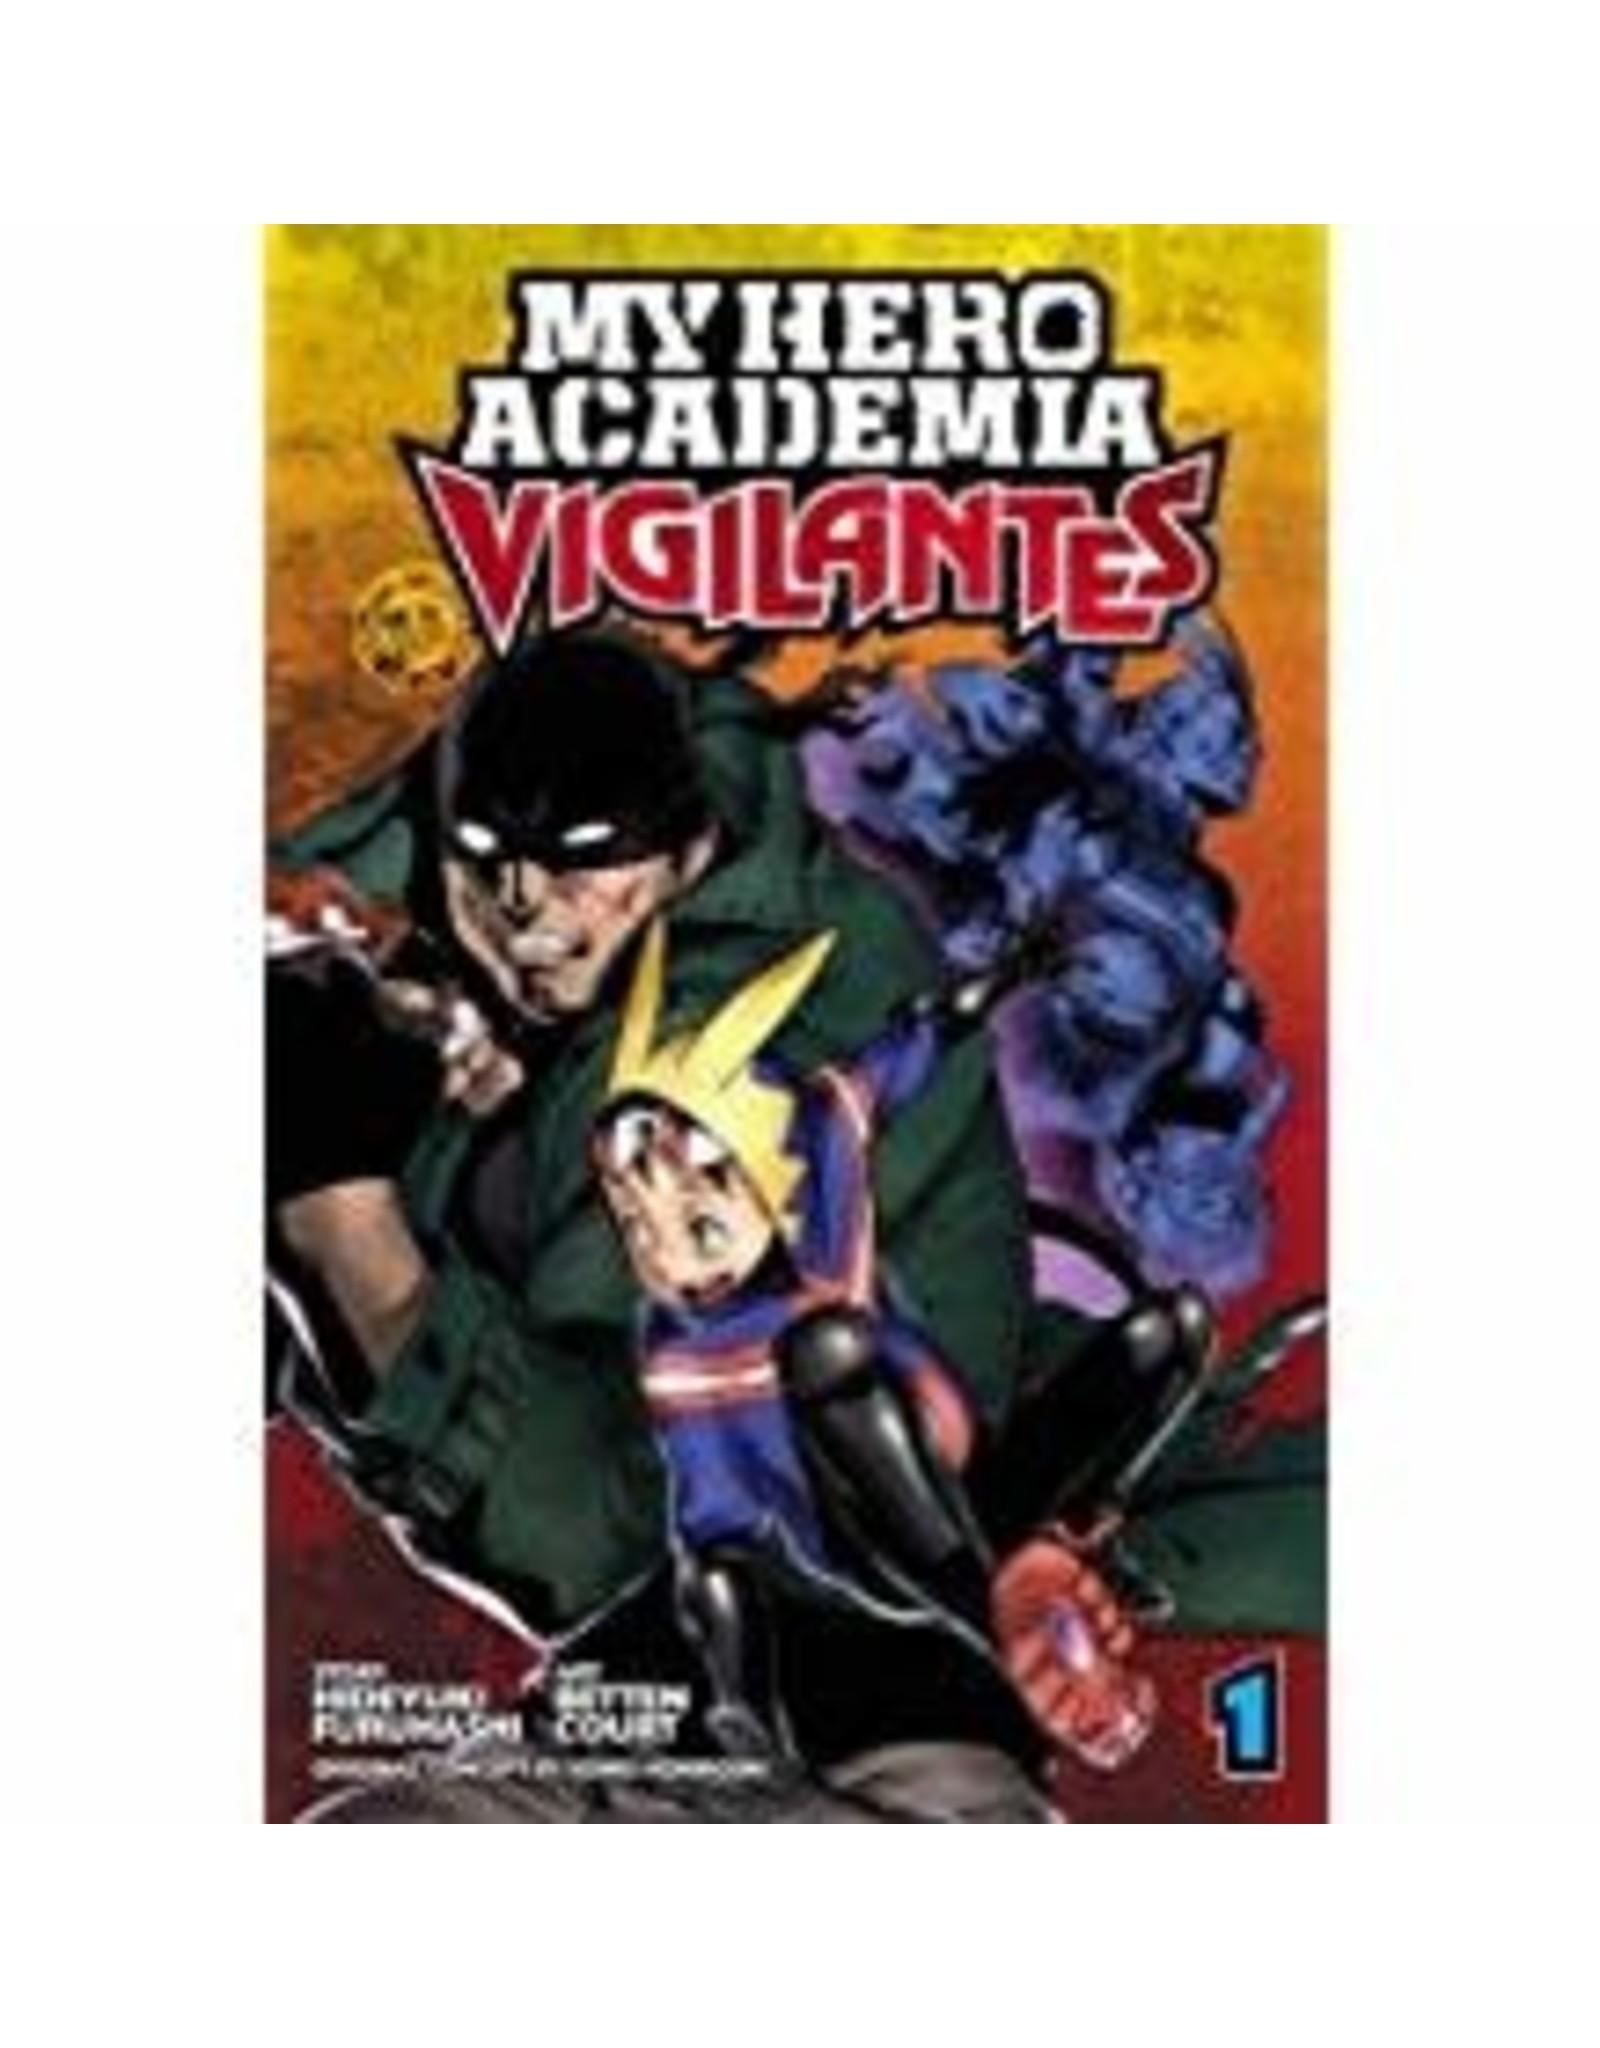 My Hero Academia: Vigilantes 1 (English Version)